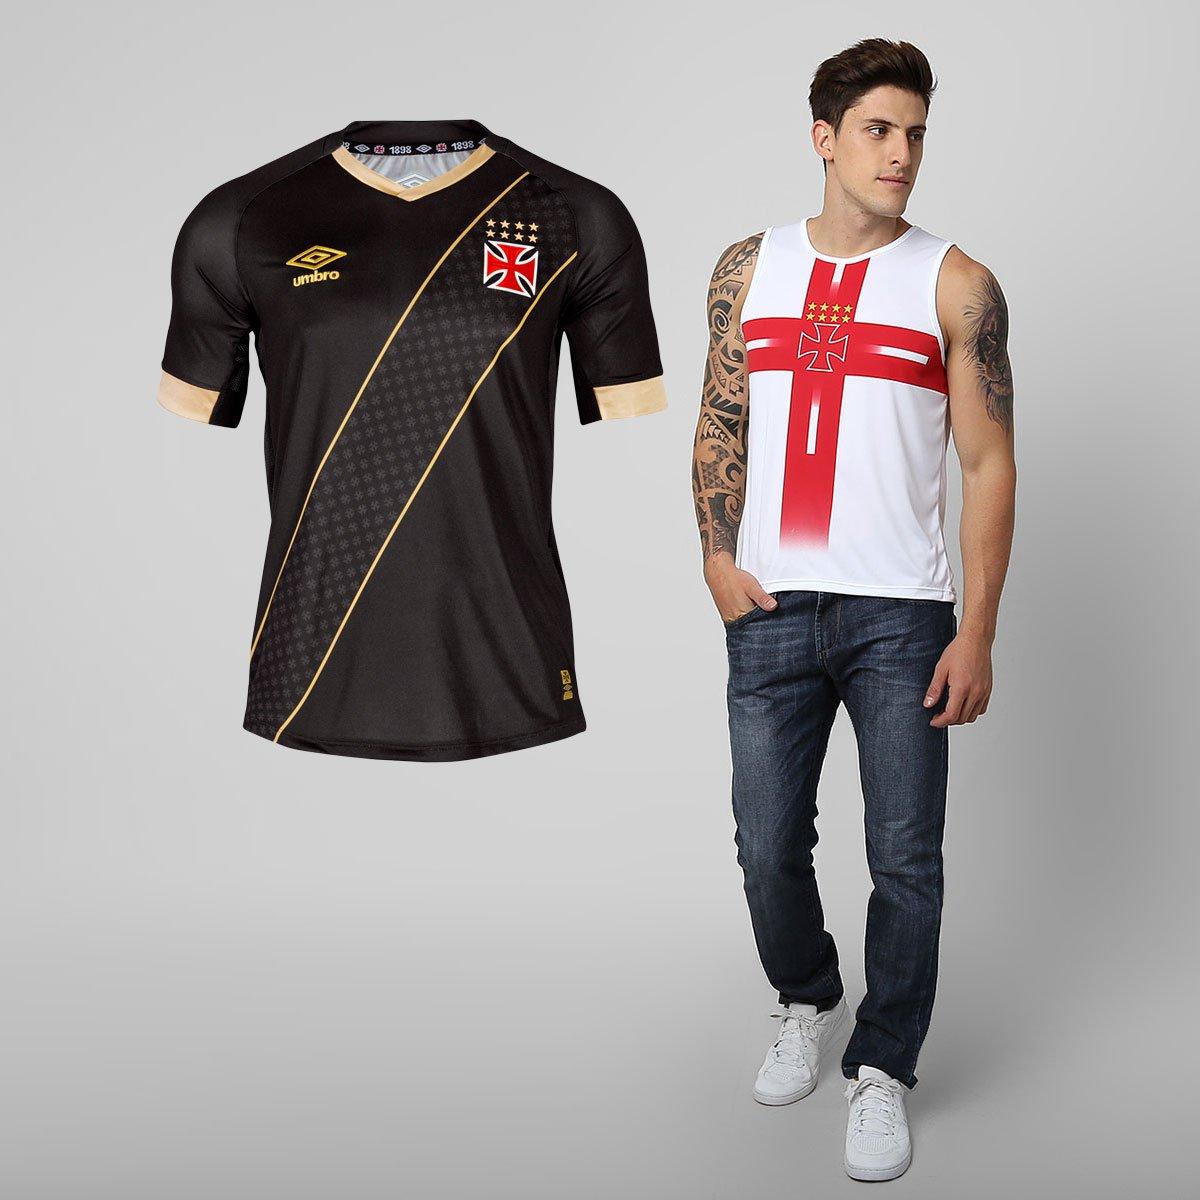 1248393076 Kit Vasco - Camisa Umbro Vasco III 2015 + Regata Templária - Compre Agora